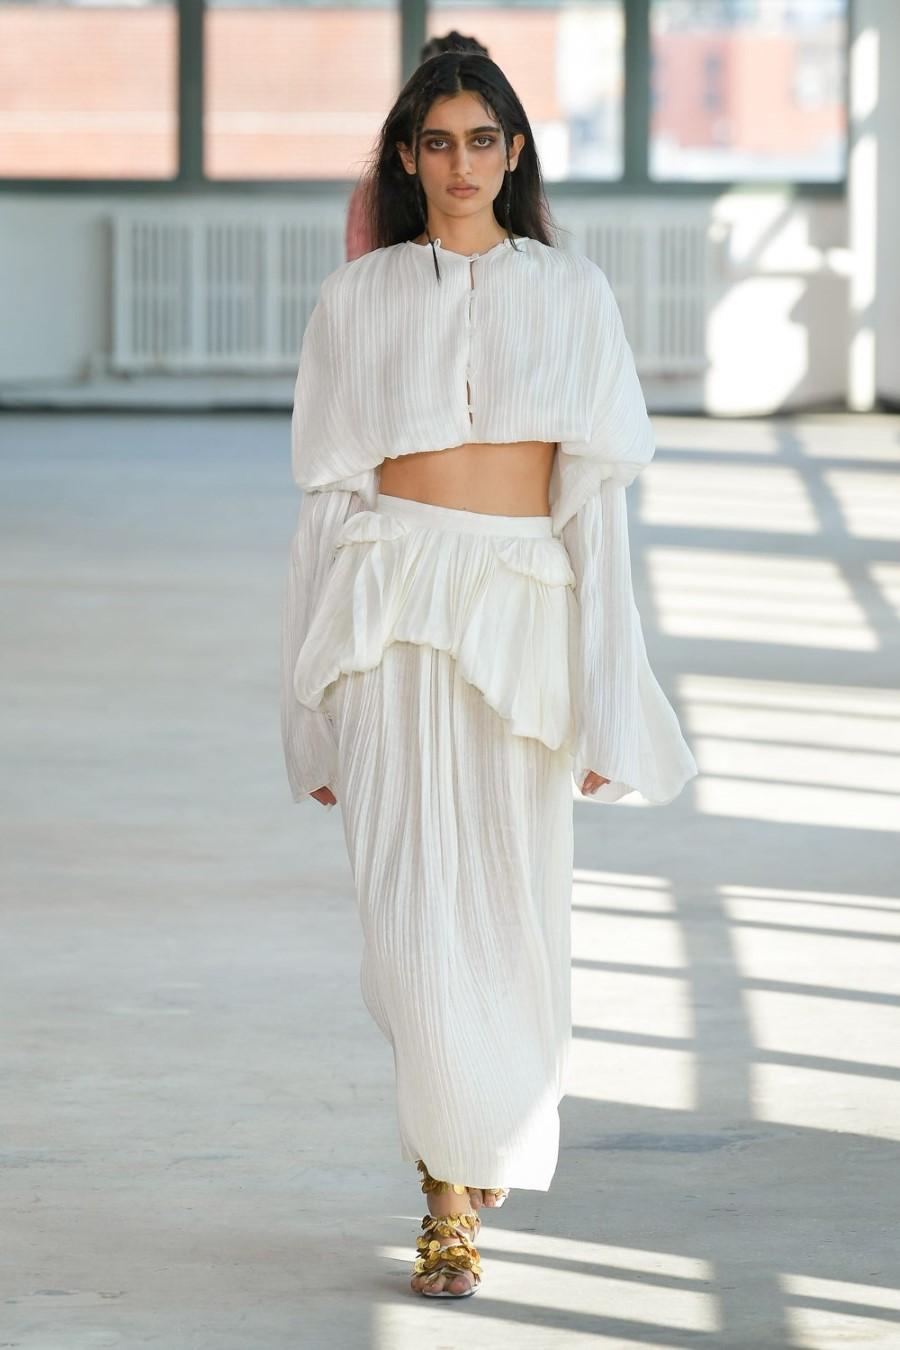 Altuzarra Spring Summer 2022 - New York Fashion Week